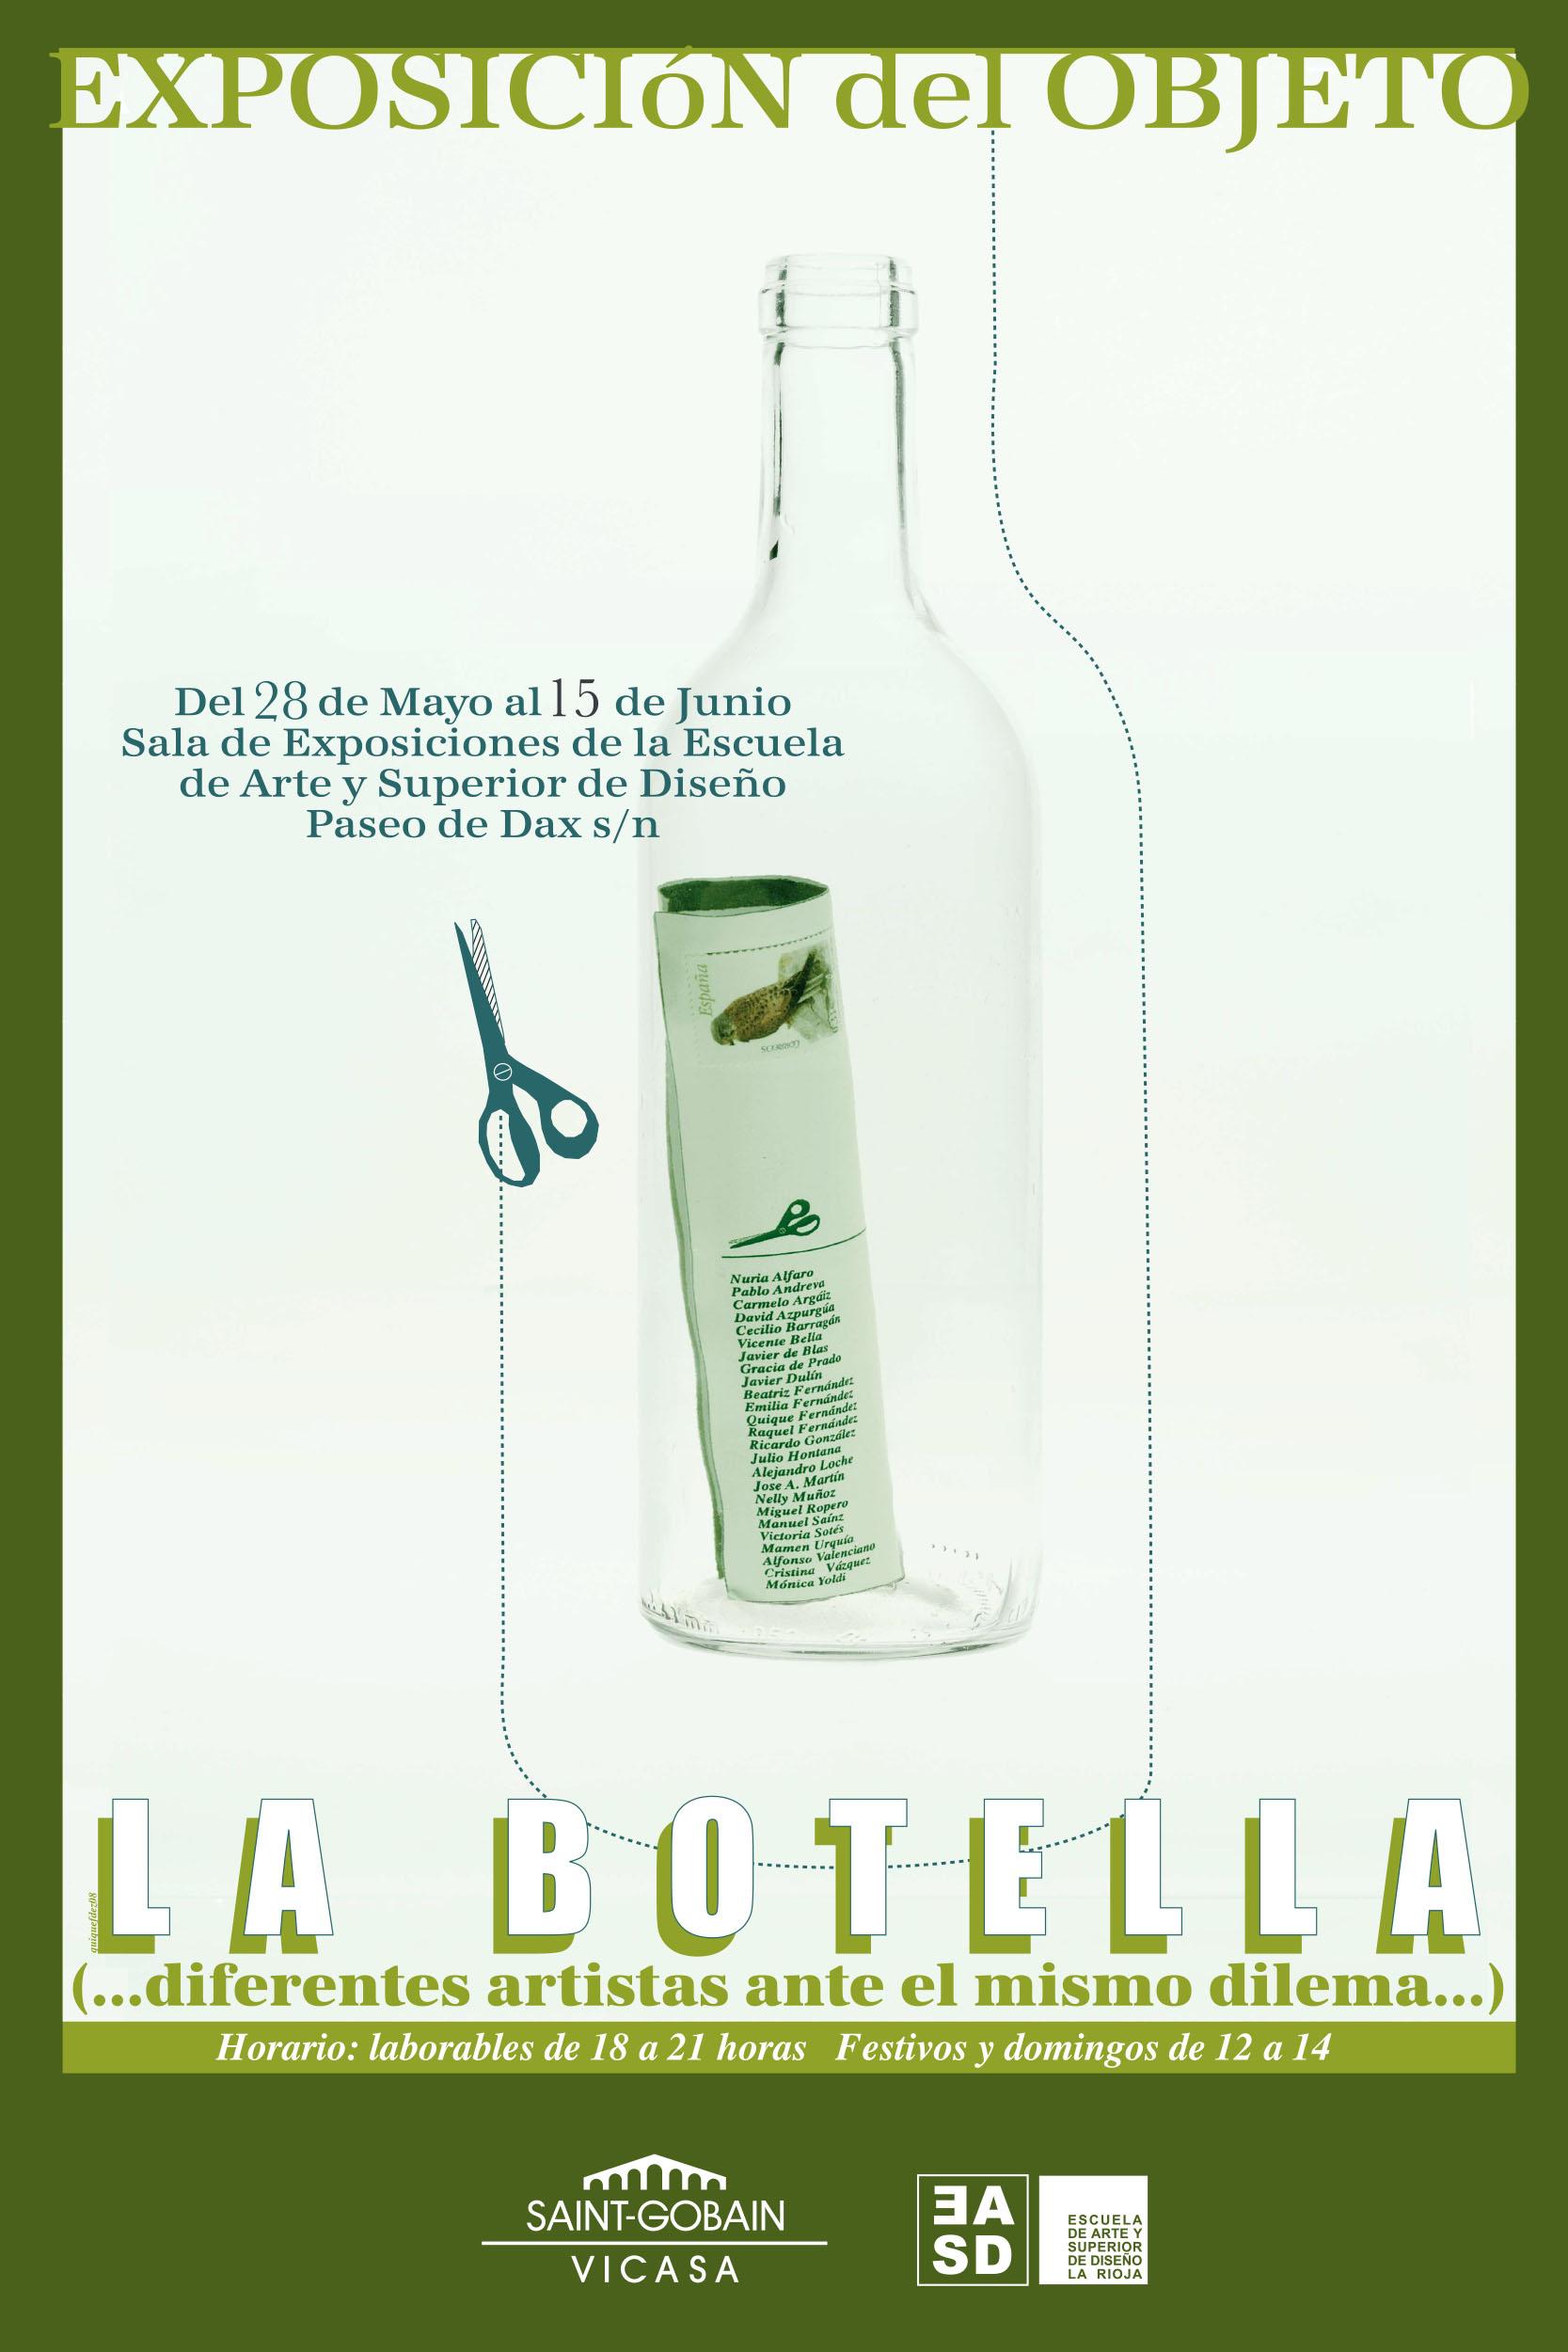 II Exposición del Objeto,  La Botella. 2008